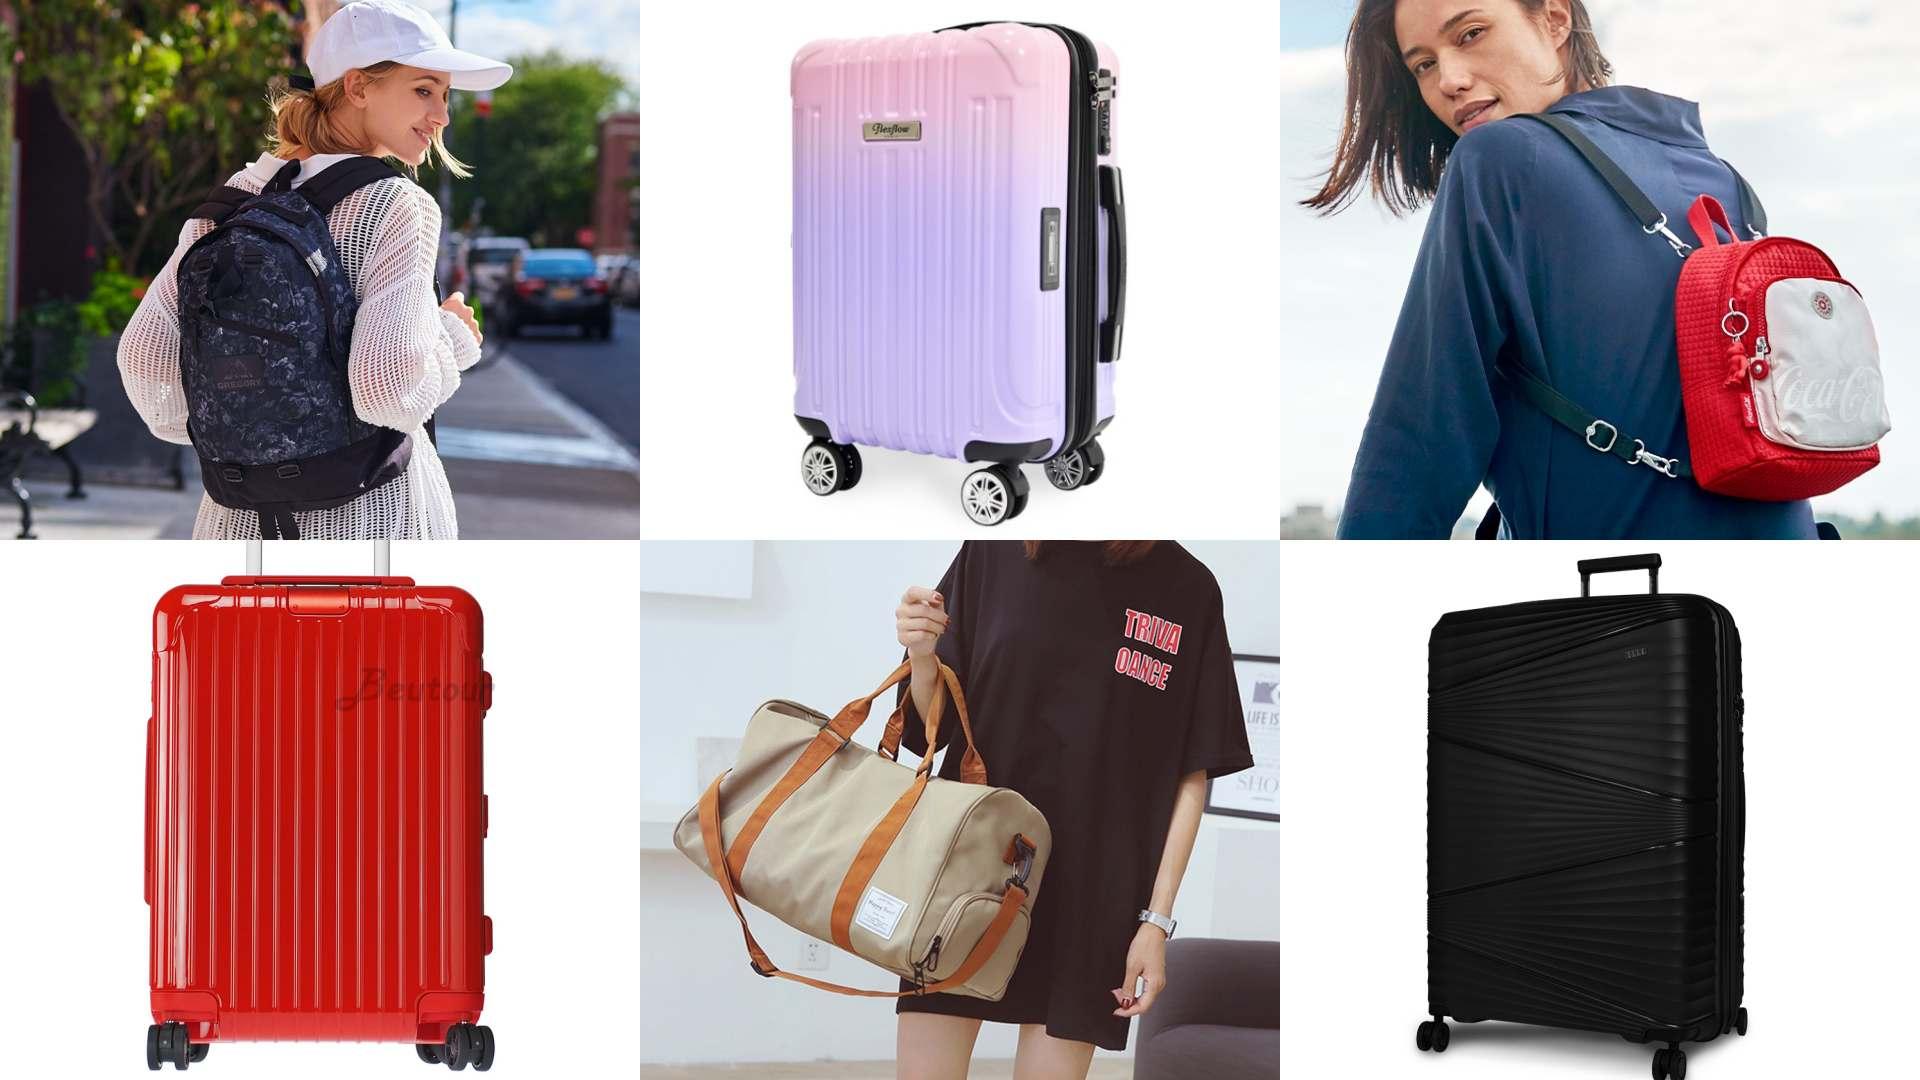 各種超美型的行李箱和手提袋,讓你返鄉更輕鬆!